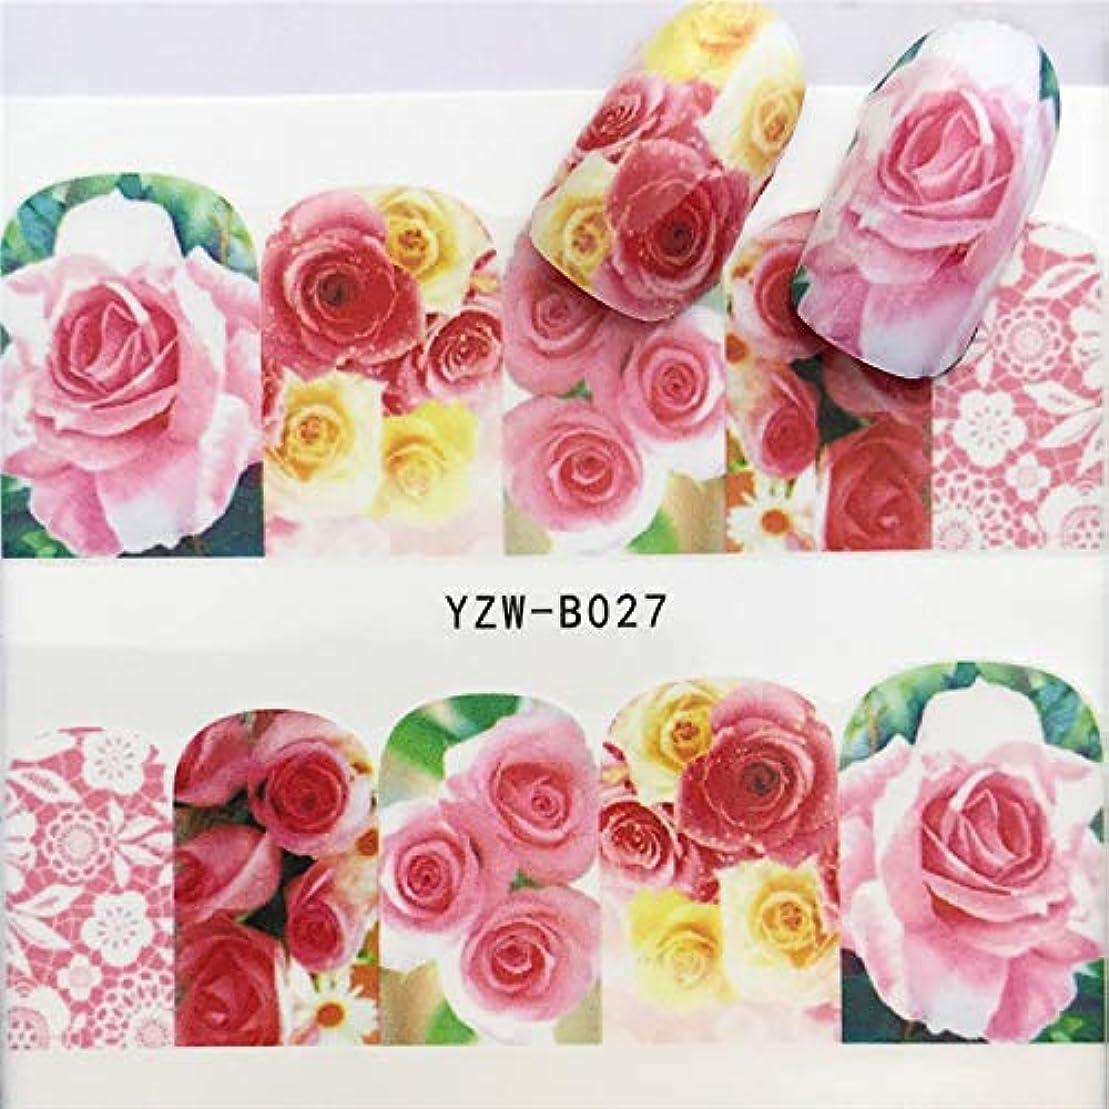 白鳥ハイジャック文庫本CELINEZL CELINEZL 3ピースネイルステッカーセットデカールウォータースライダースライダーネイルアートデコレーション、色:YZWB027